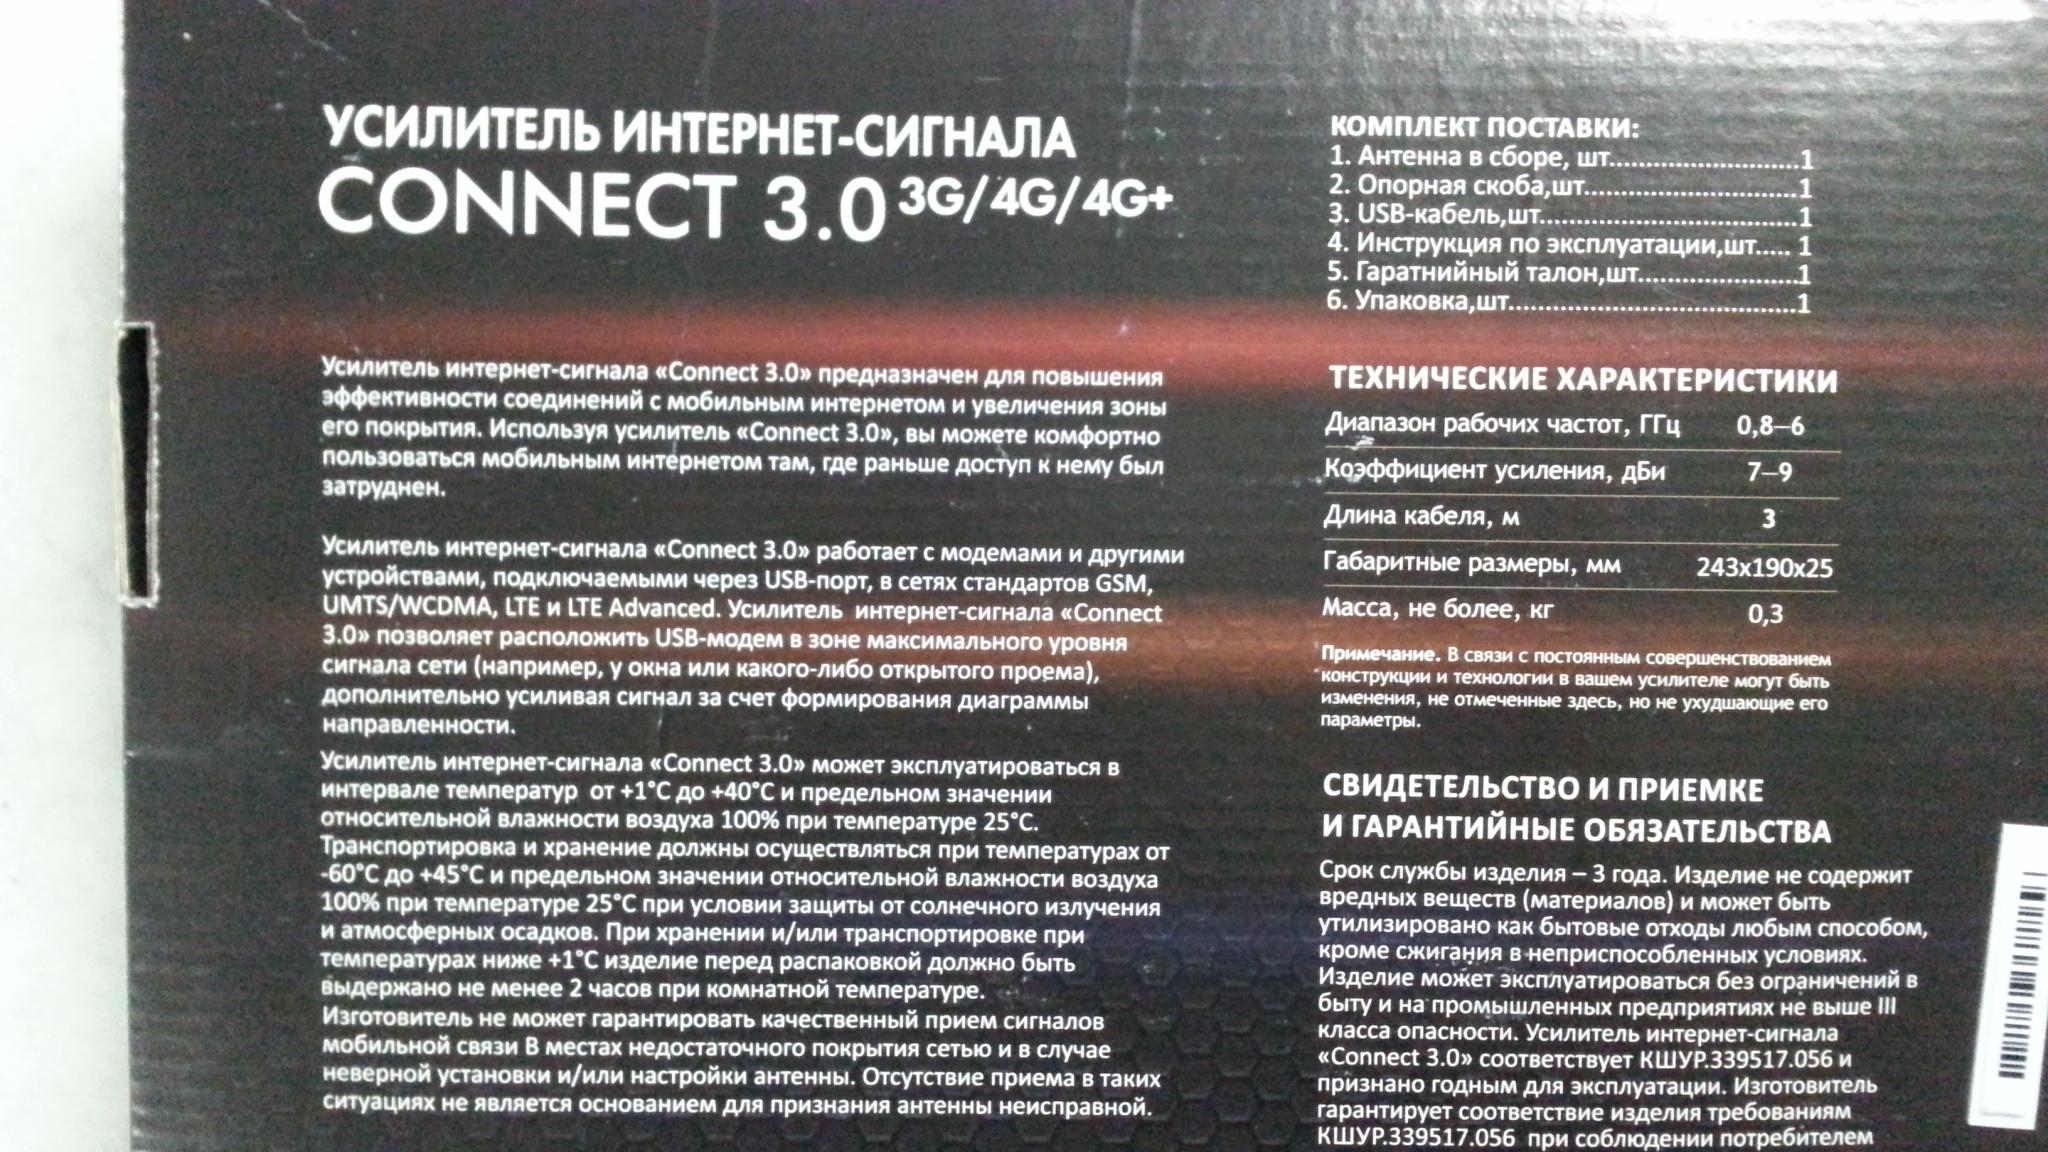 Connect 3.0 рэмо инструкция